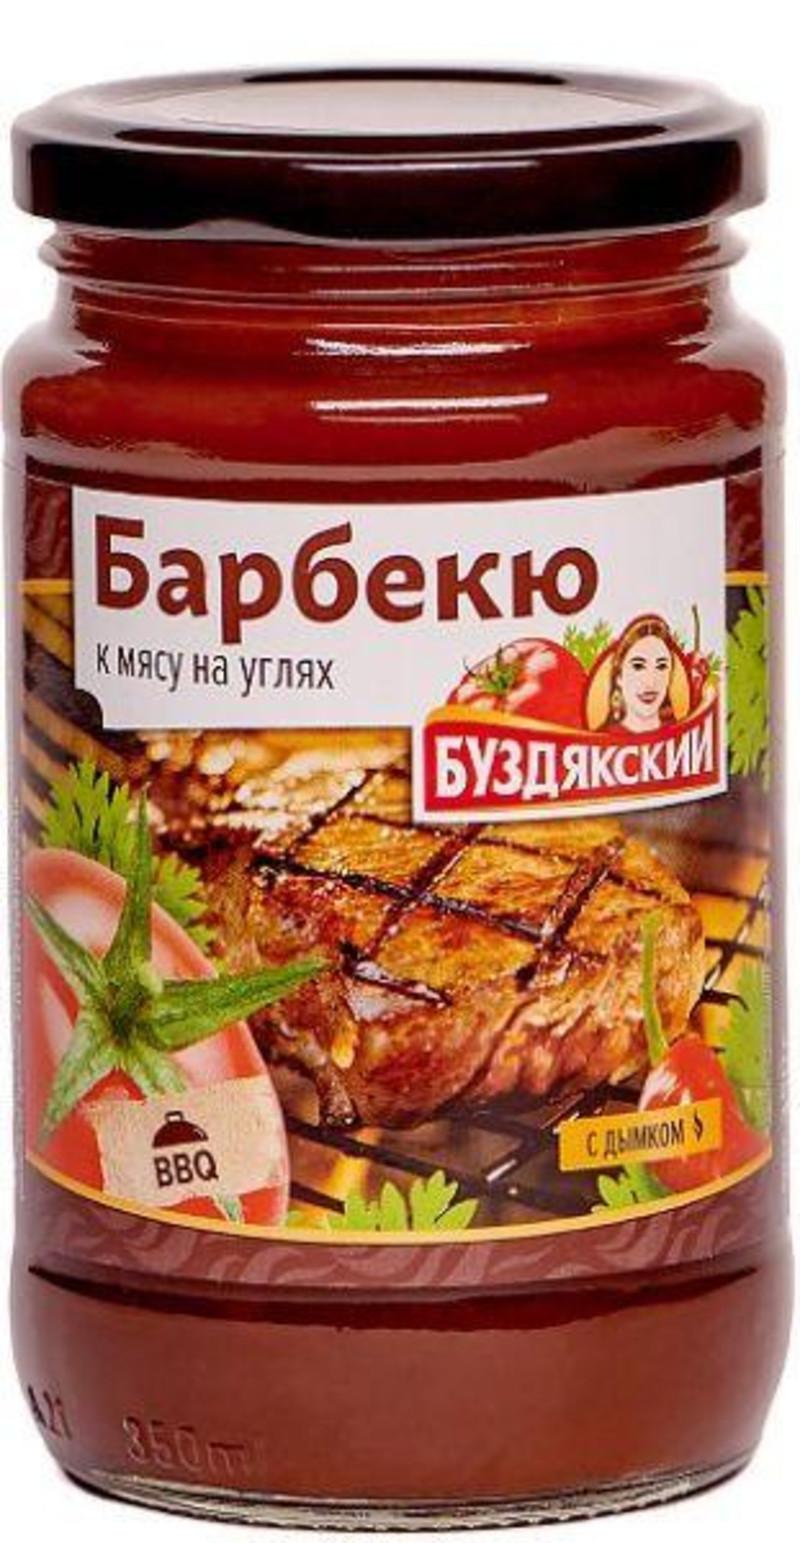 Буздякский